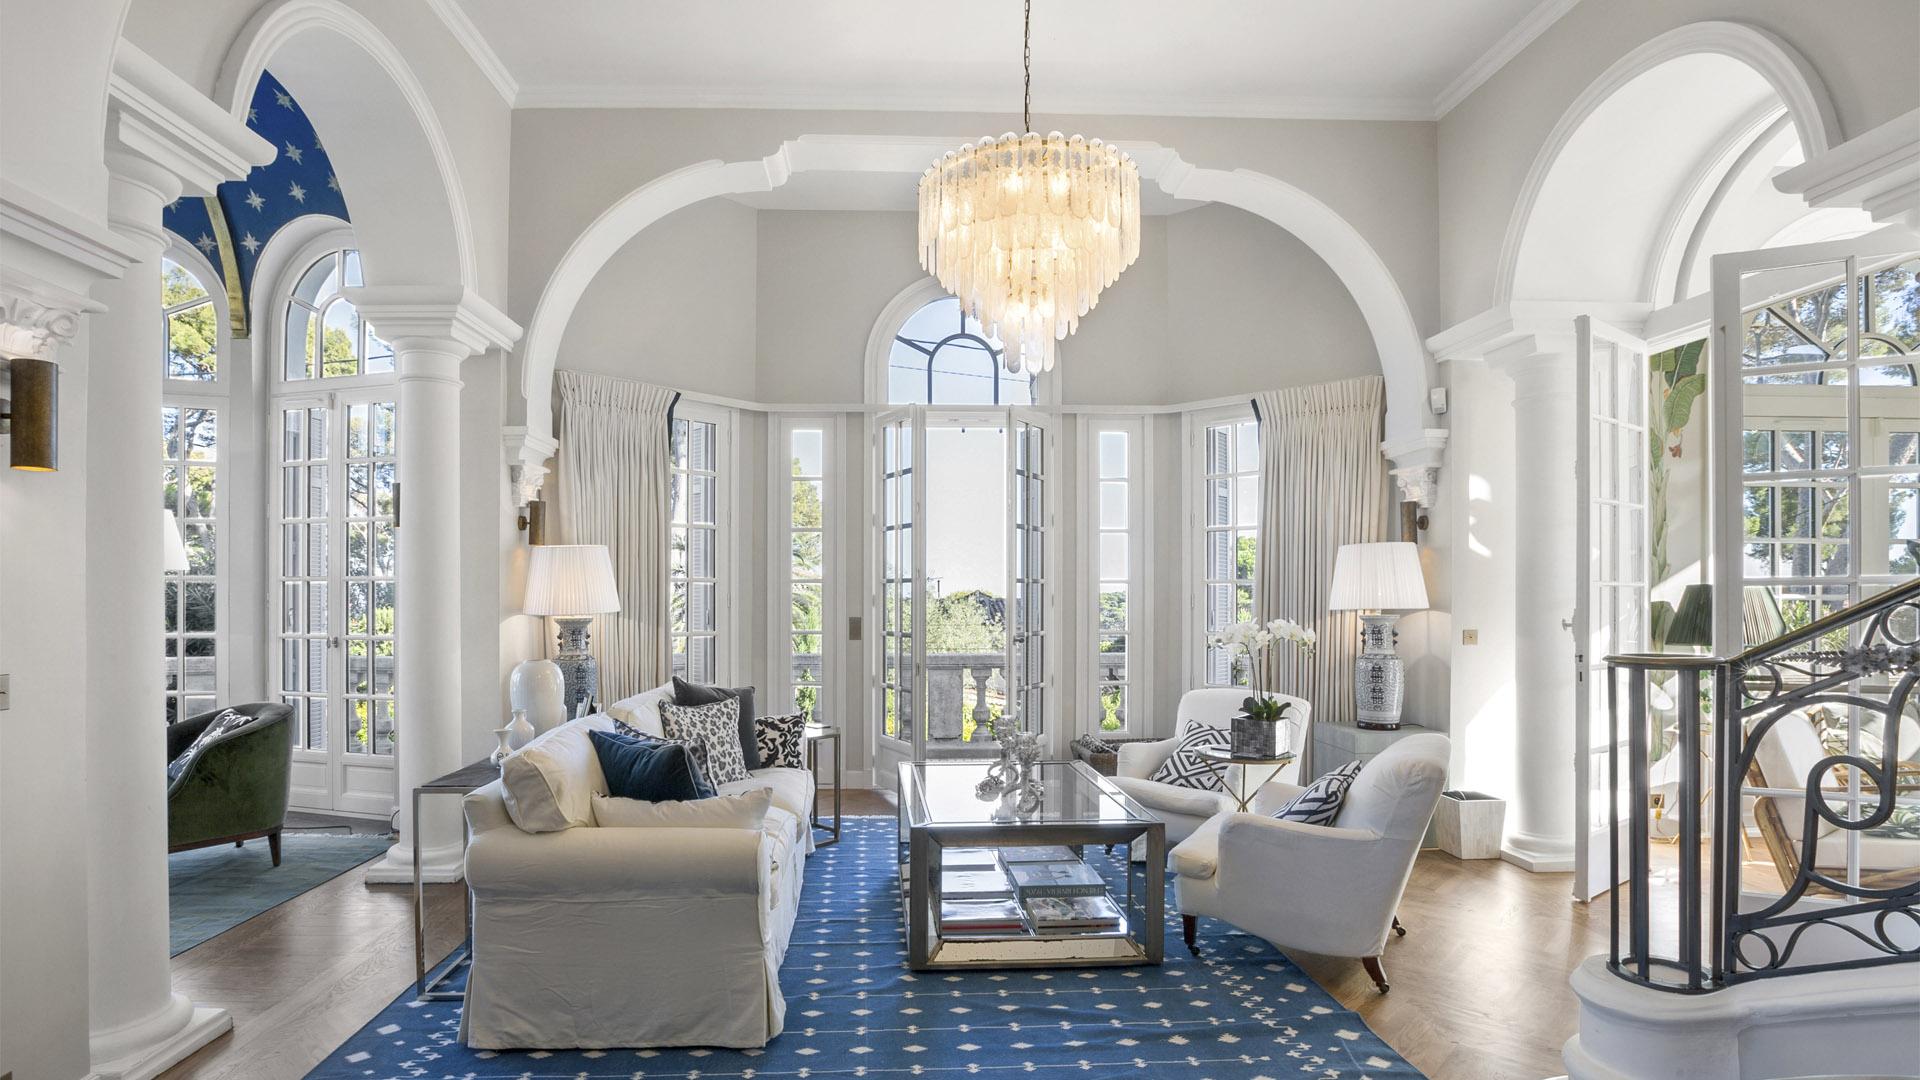 grande portes-fenêtre blanche style classique